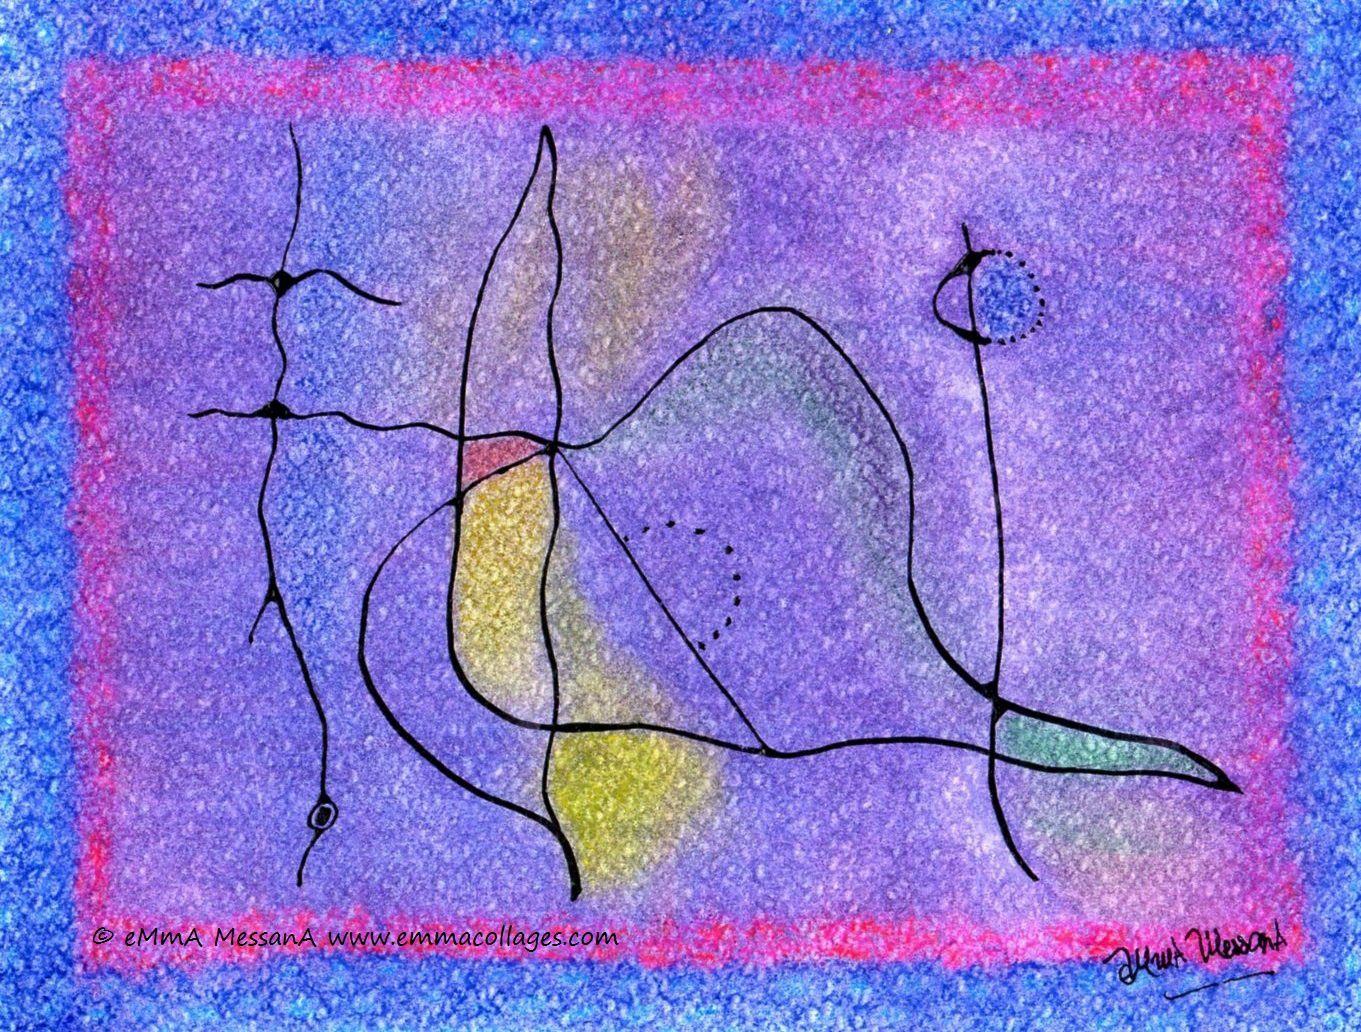 """Les Collages d'eMmA MessanA, """"Variables"""", pièce unique"""